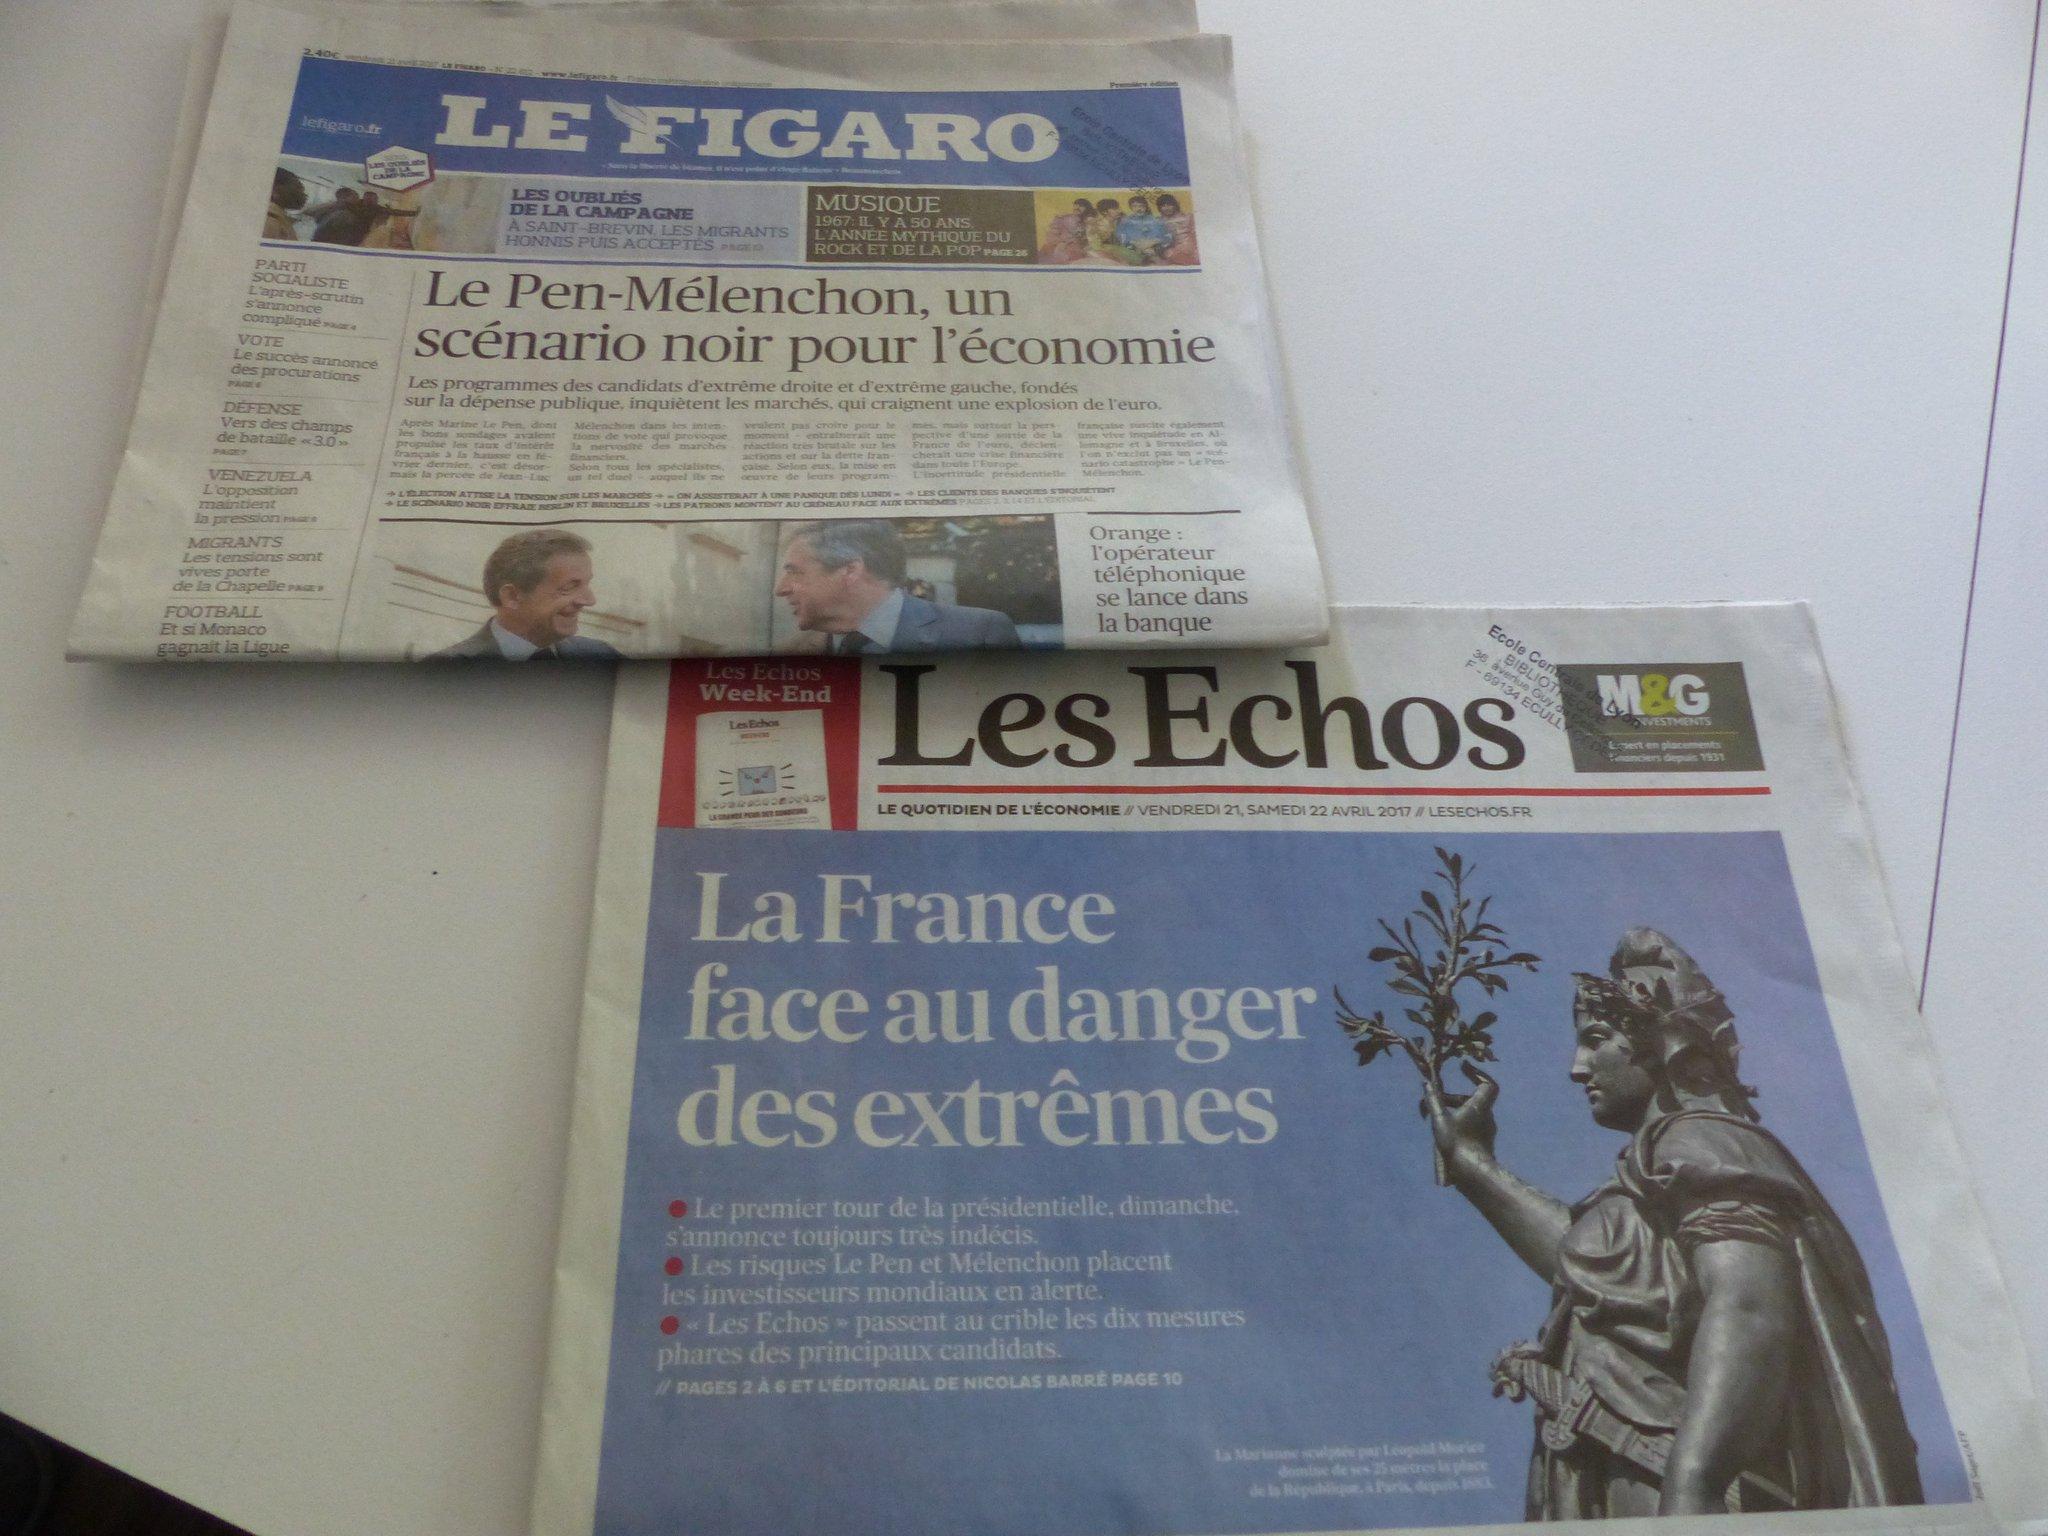 La bib. poursuit la présentation de la #presse d'actu en lien avec la #présidentielle @Le_Figaro @LesEchos. RV #CitoyenECL à l'espace presse https://t.co/DiKaopET80